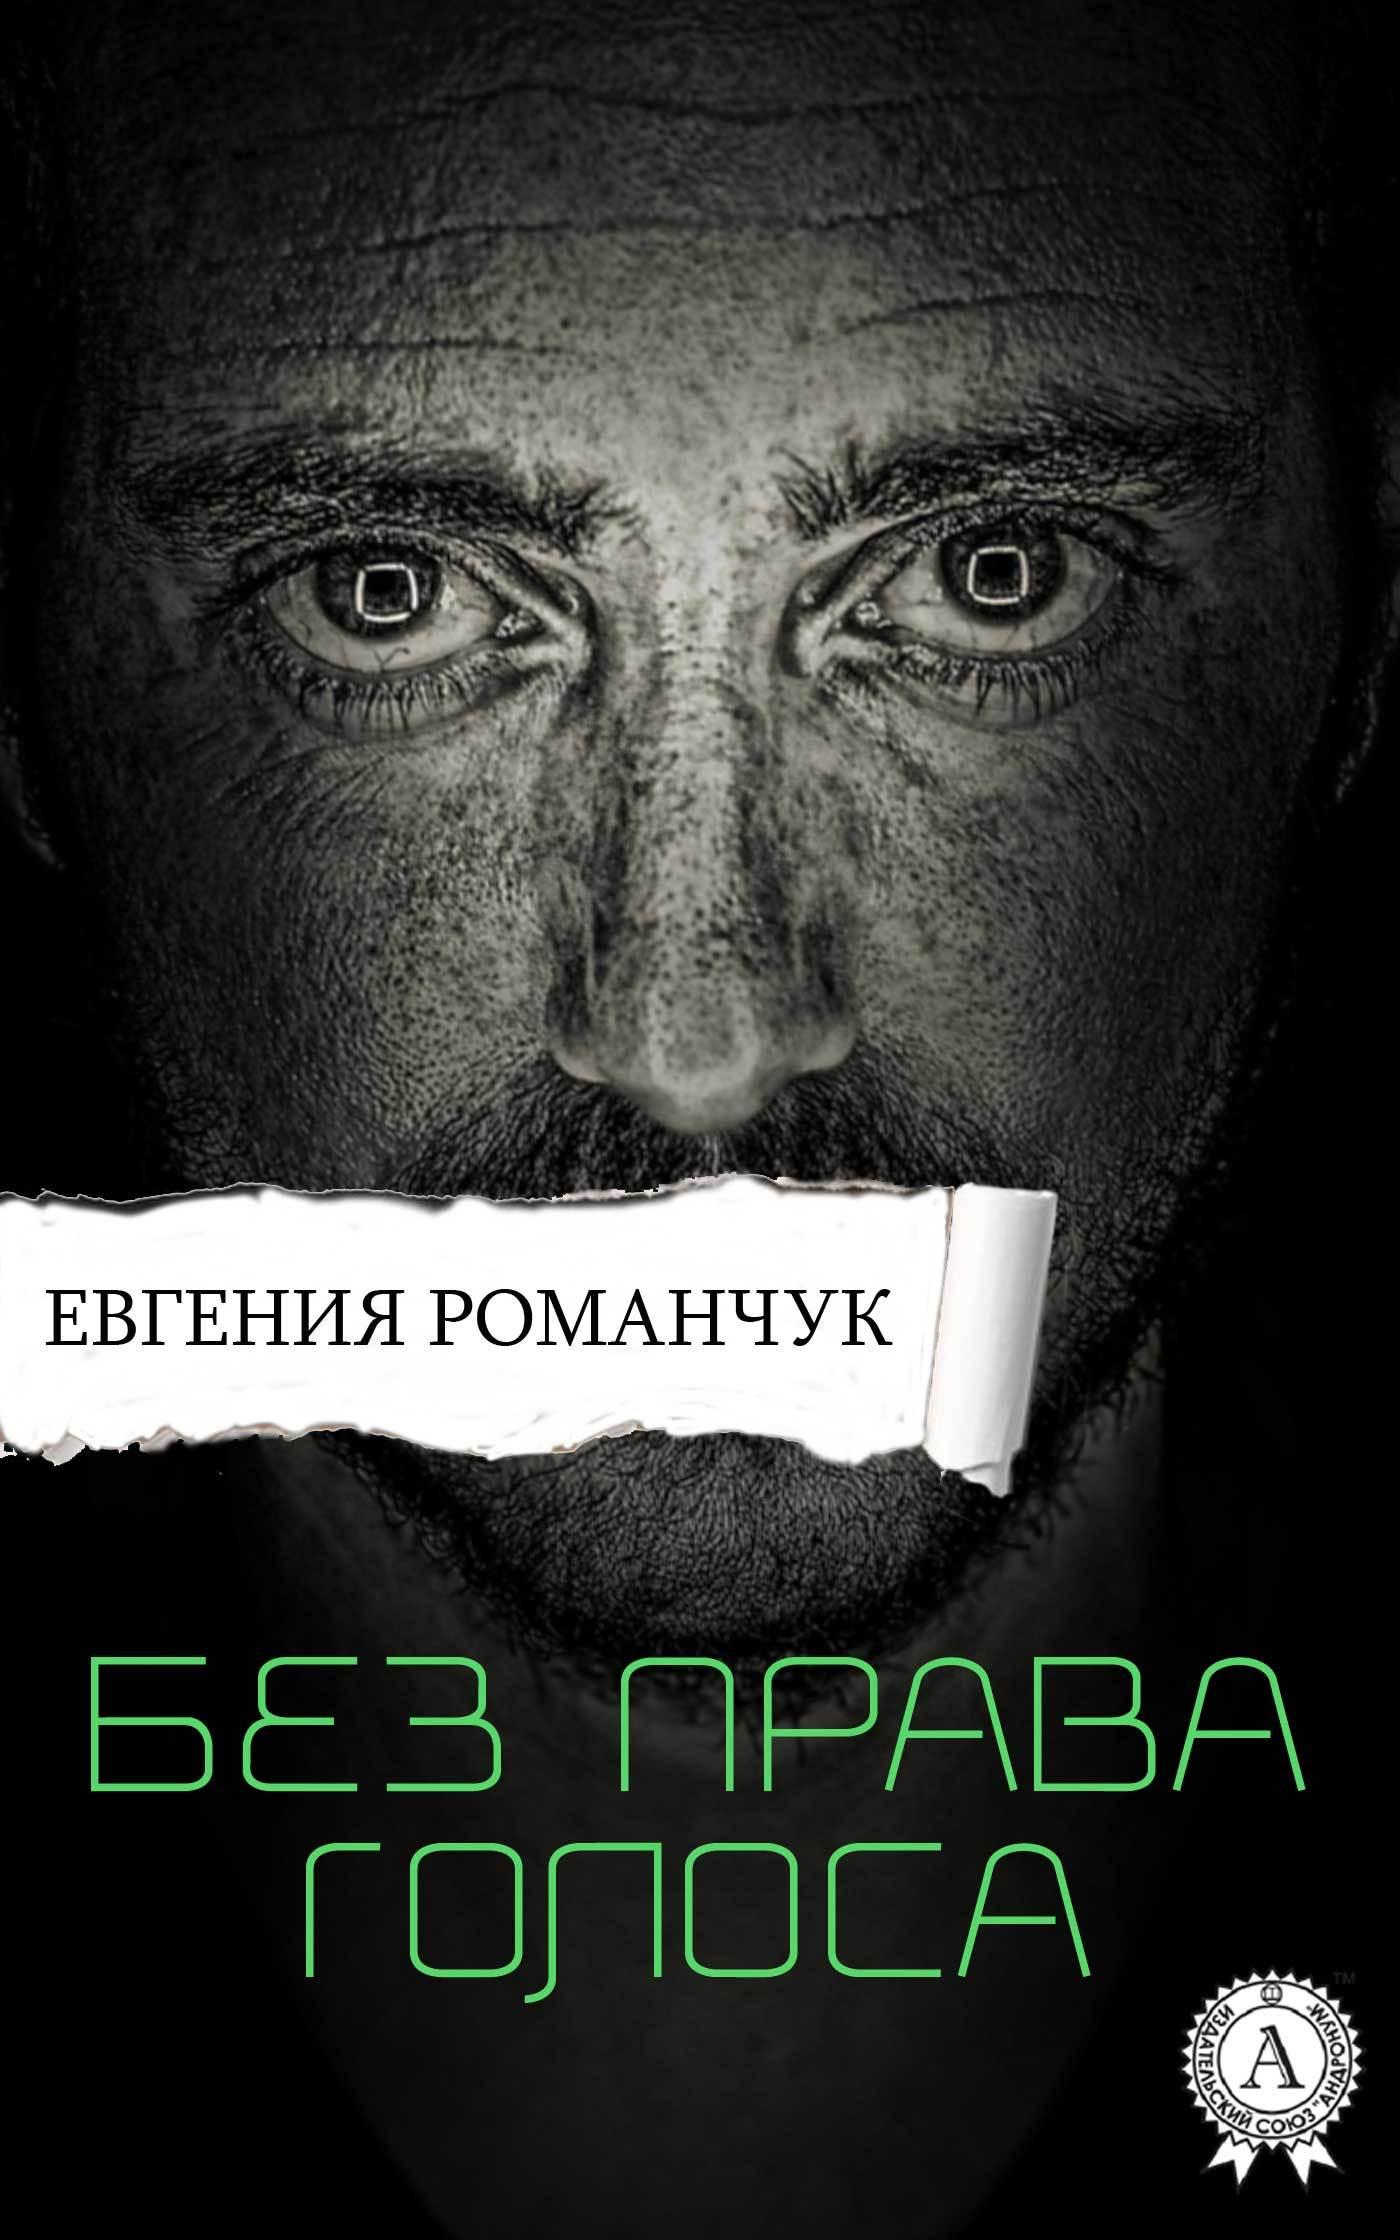 занимательное описание в книге Евгения Романчук